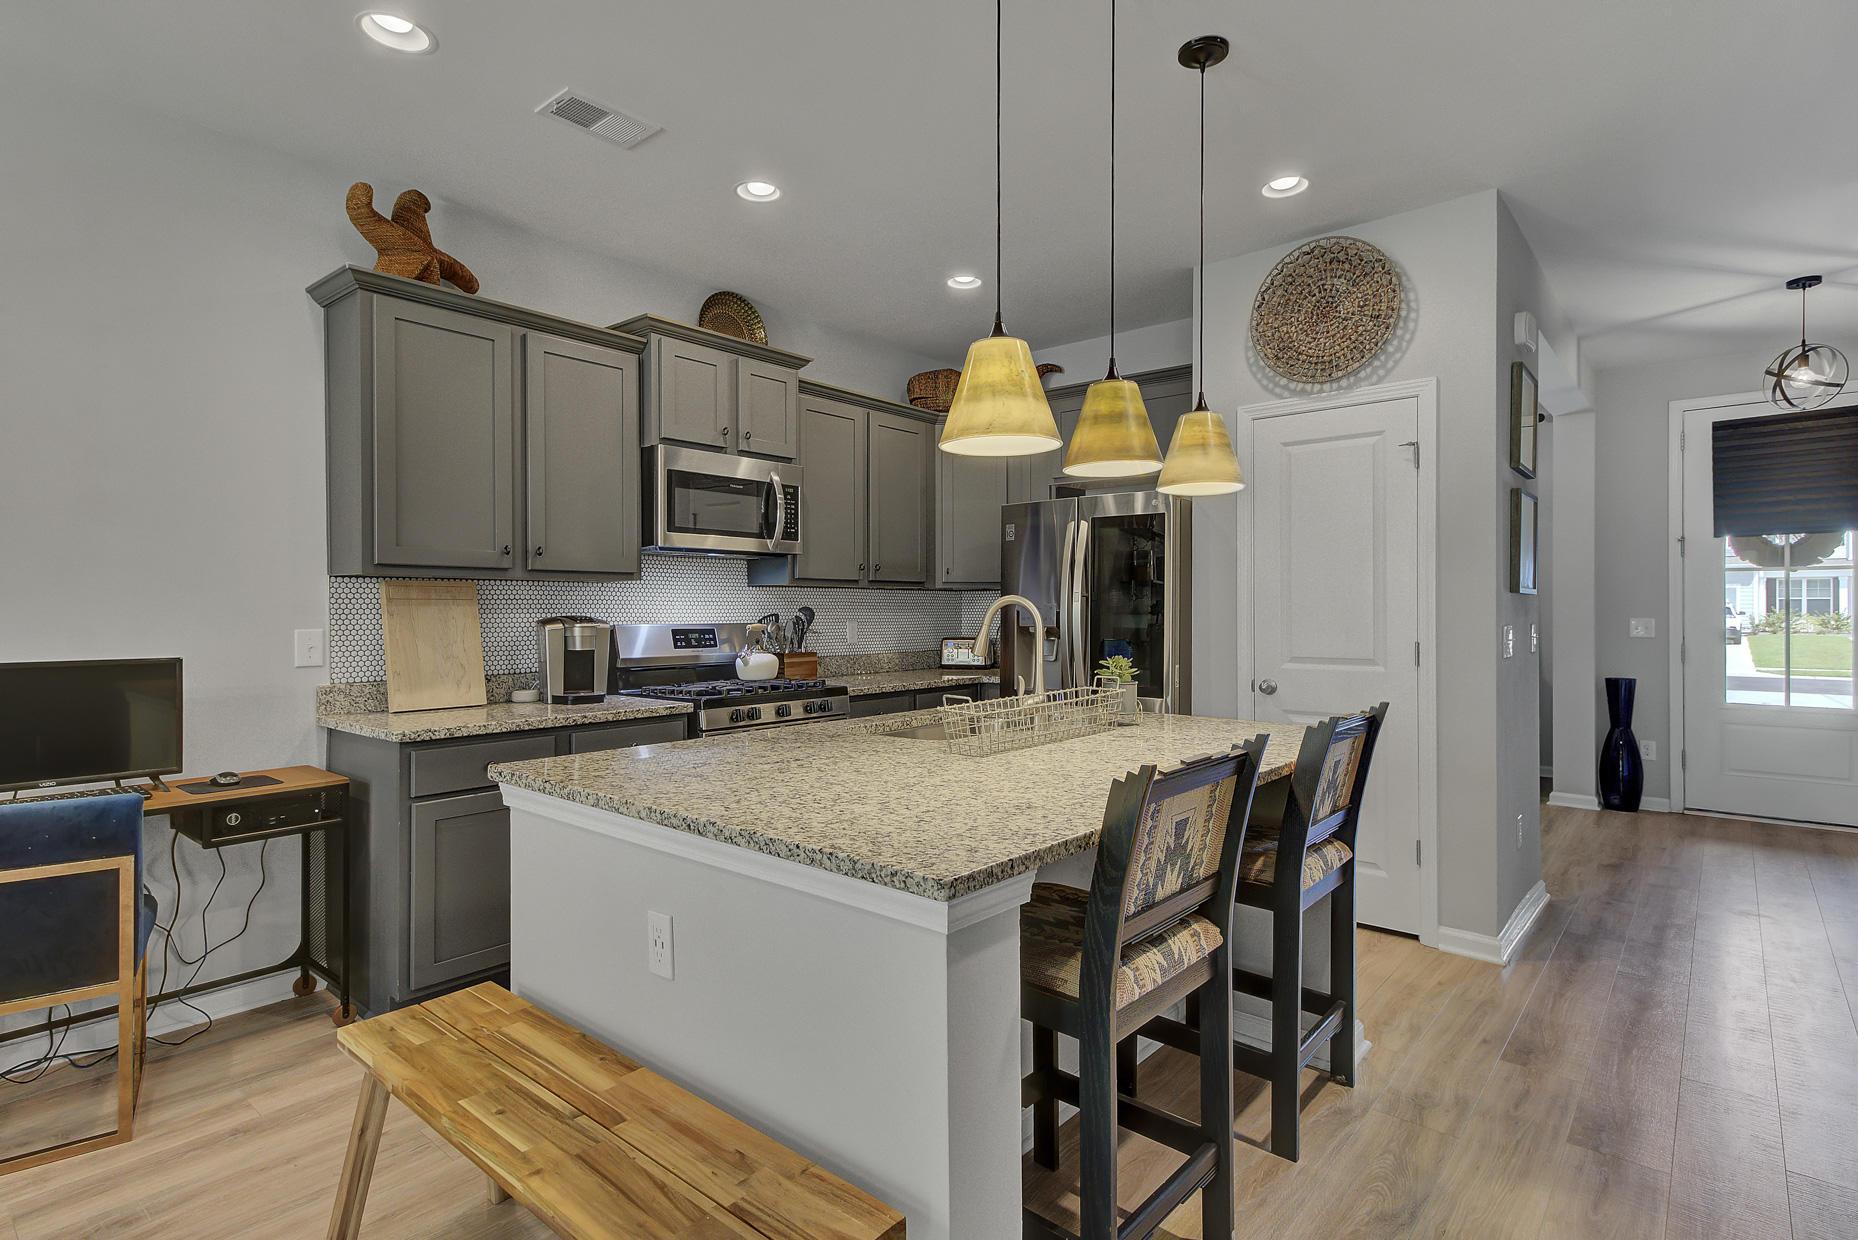 Park West Homes For Sale - 2566 Kingsfield, Mount Pleasant, SC - 13